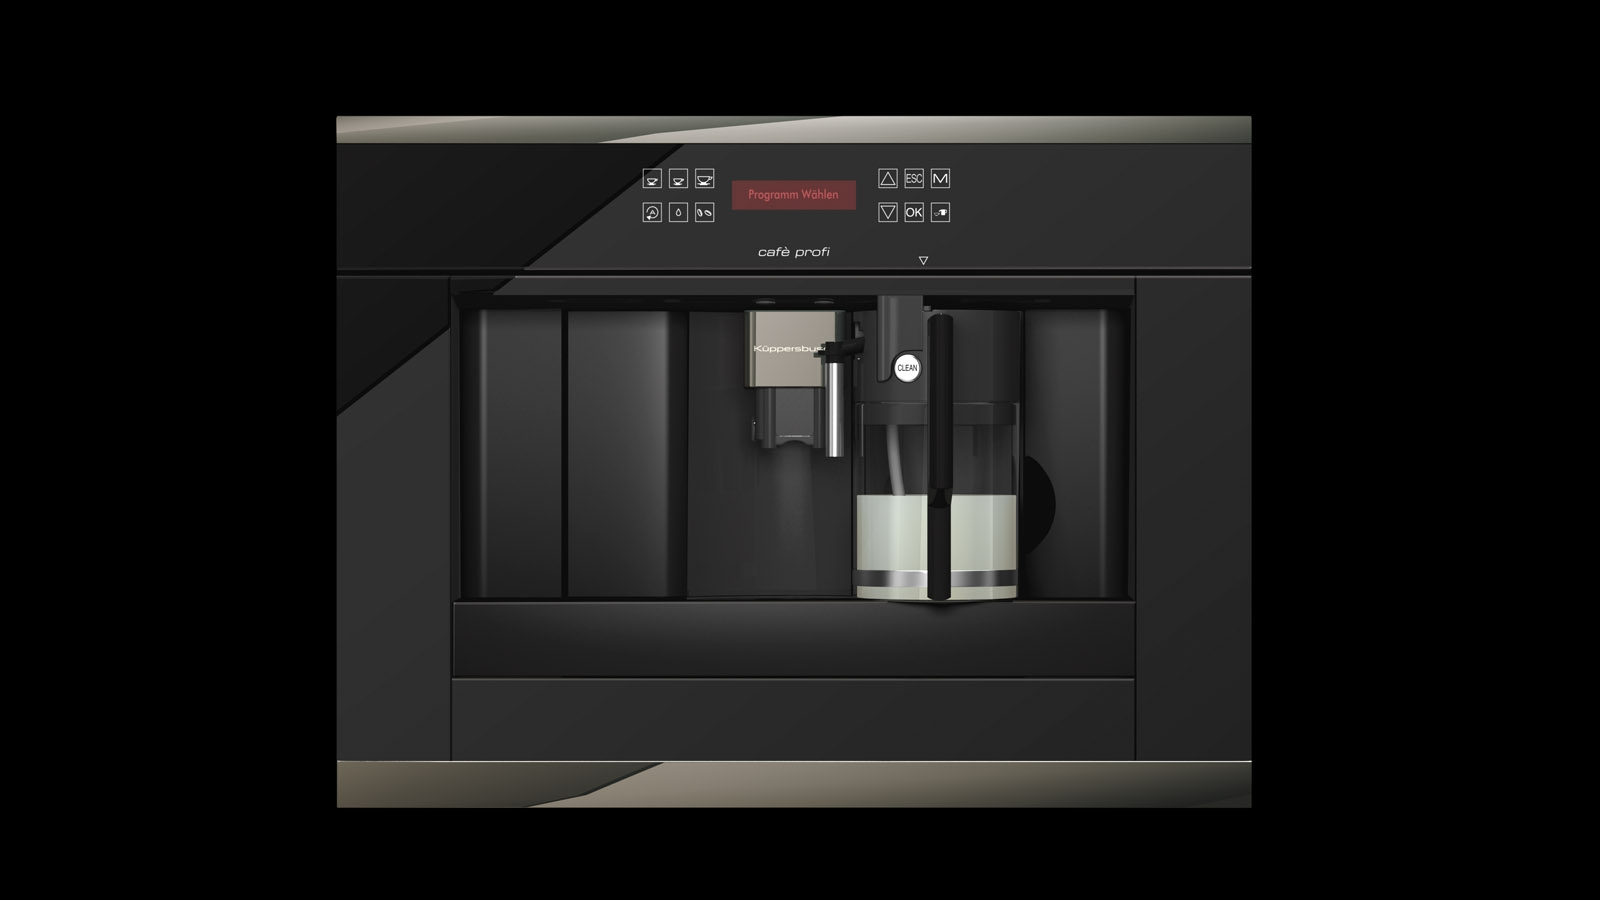 Machine caf encastrable pas cher - Machine a cafe electrolux ...